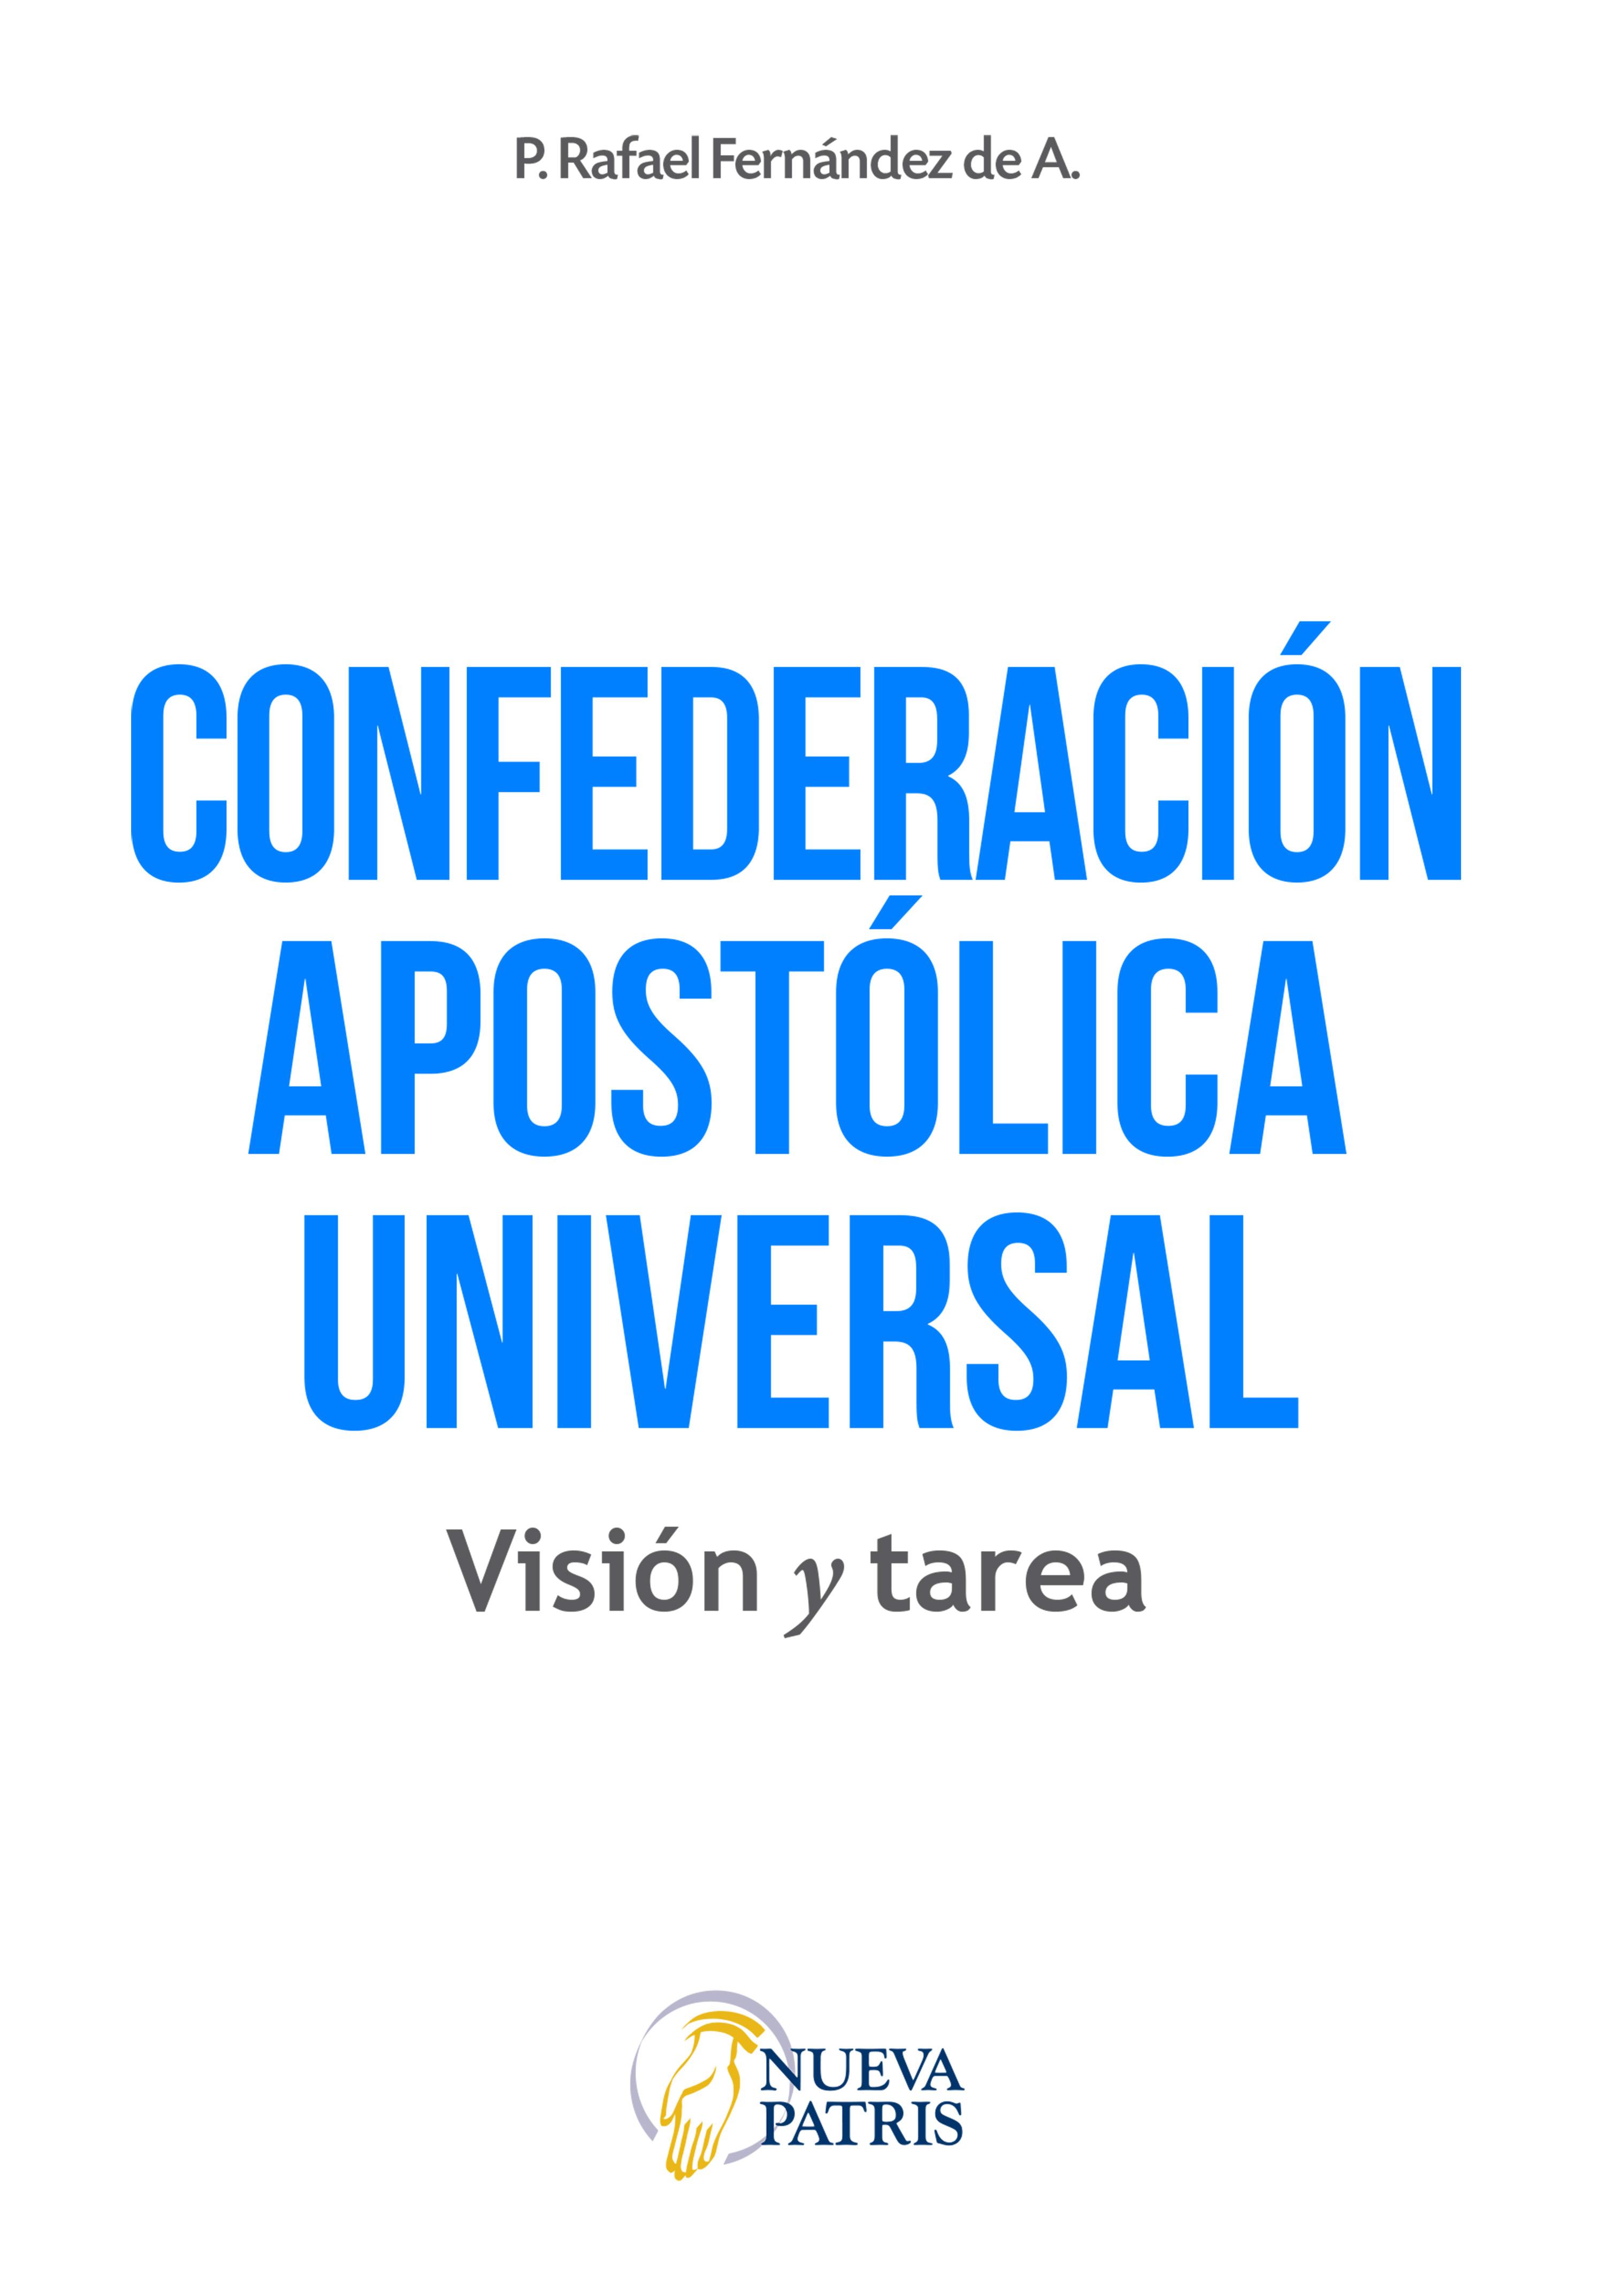 Confederación Apostólica Universal